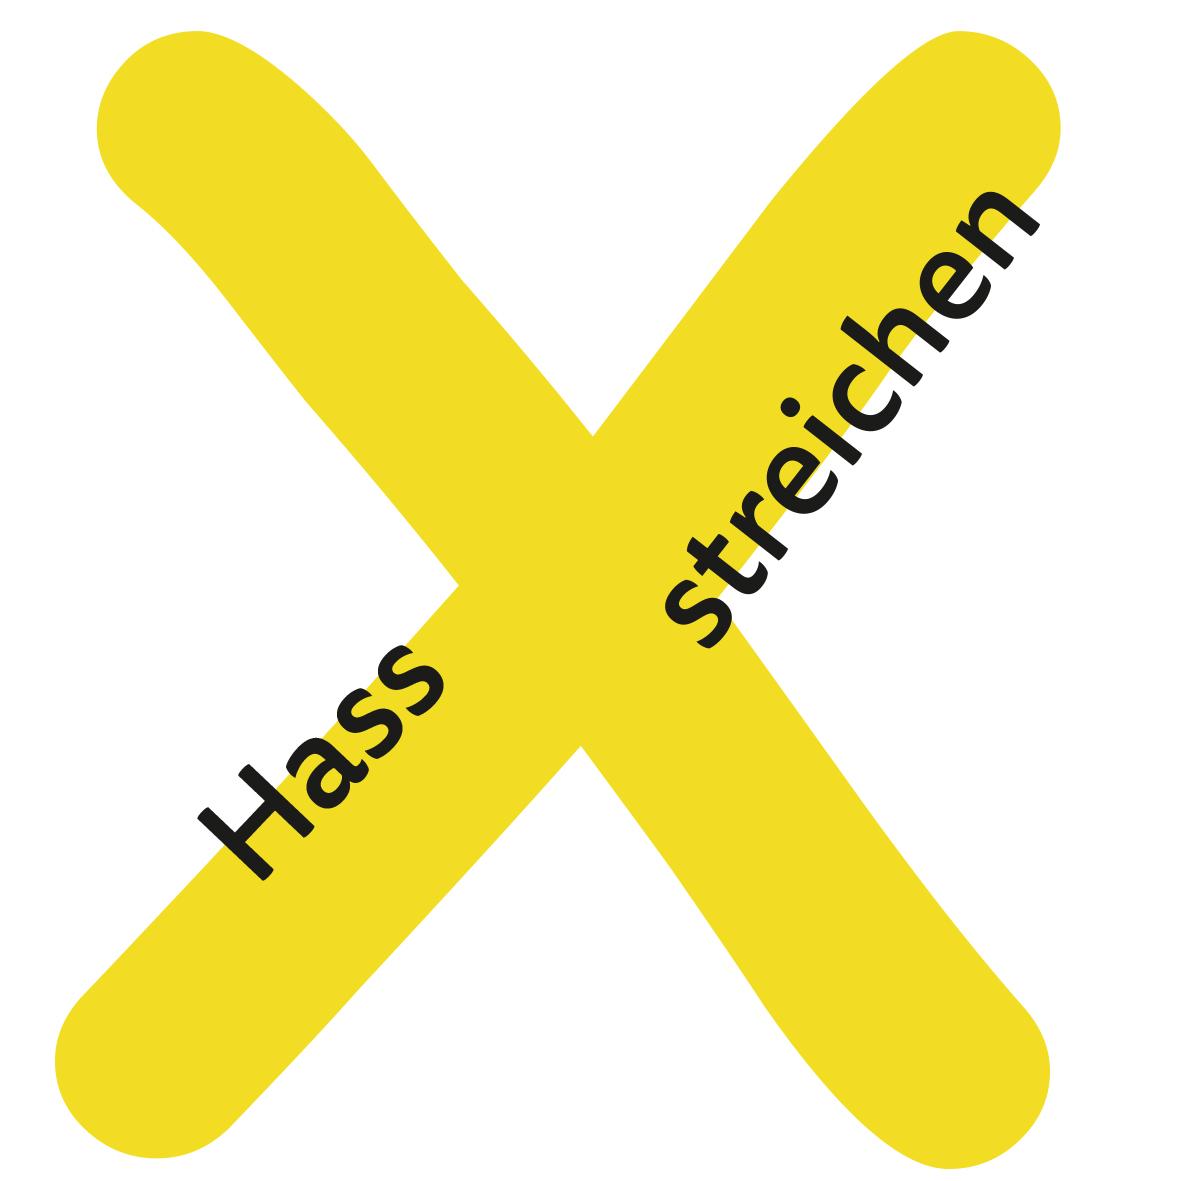 Hass im Netz streichen: Neues Cybermobbing-Themenportal der ARAG